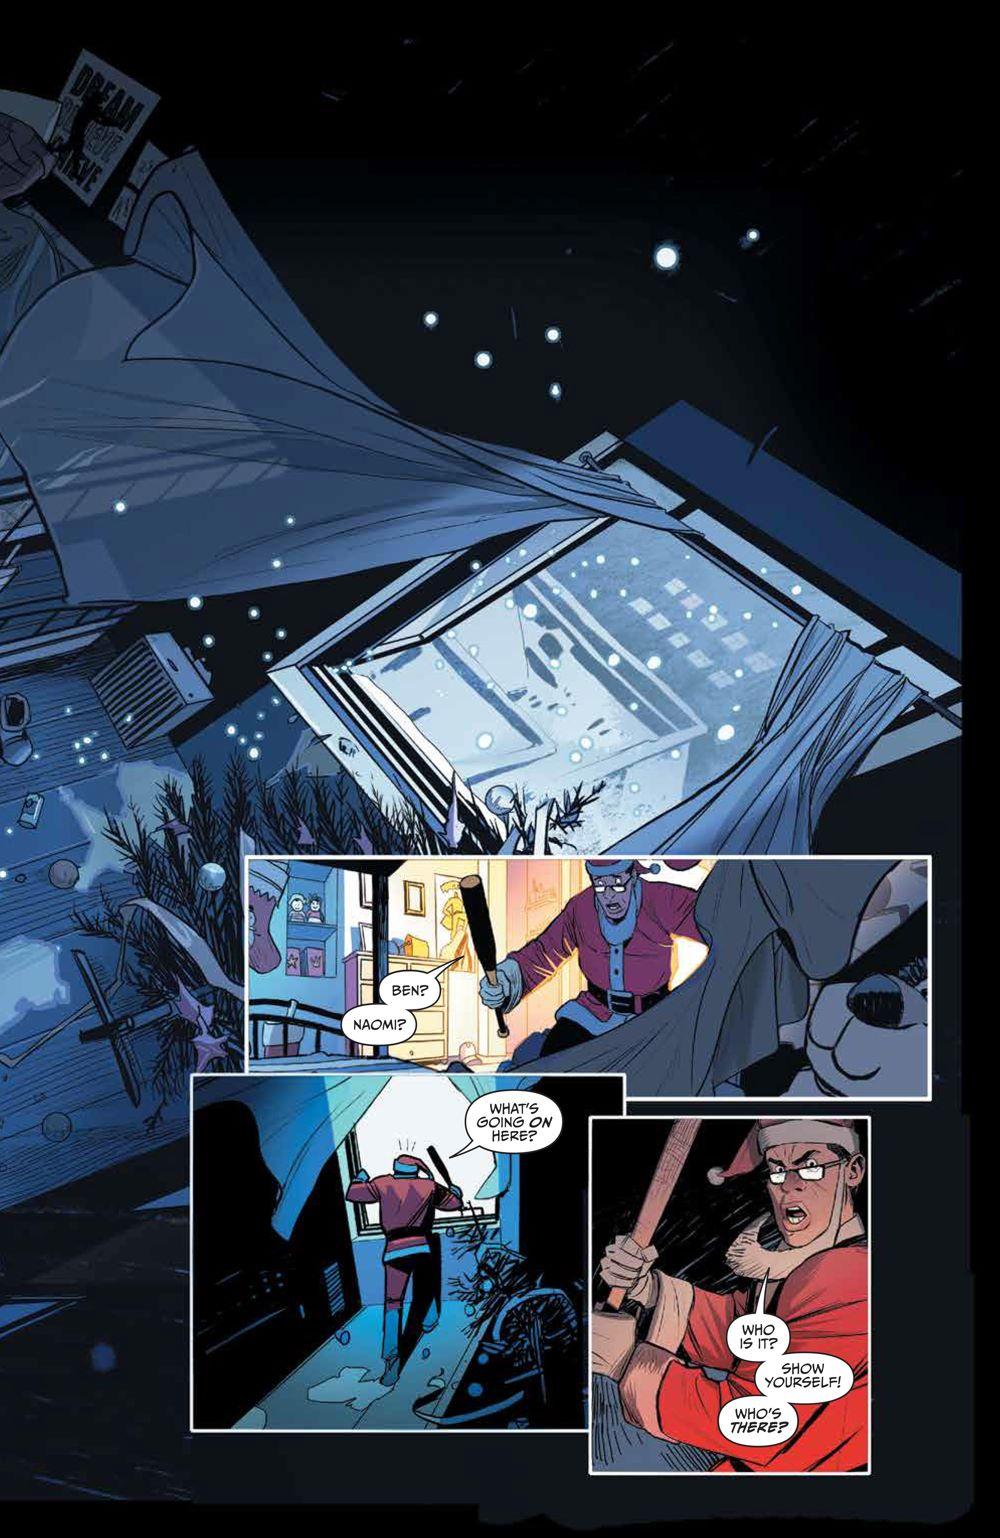 Klaus_NewAdventures_SC_PRESS_11 ComicList Previews: KLAUS THE NEW ADVENTURES OF SANTA CLAUS GN